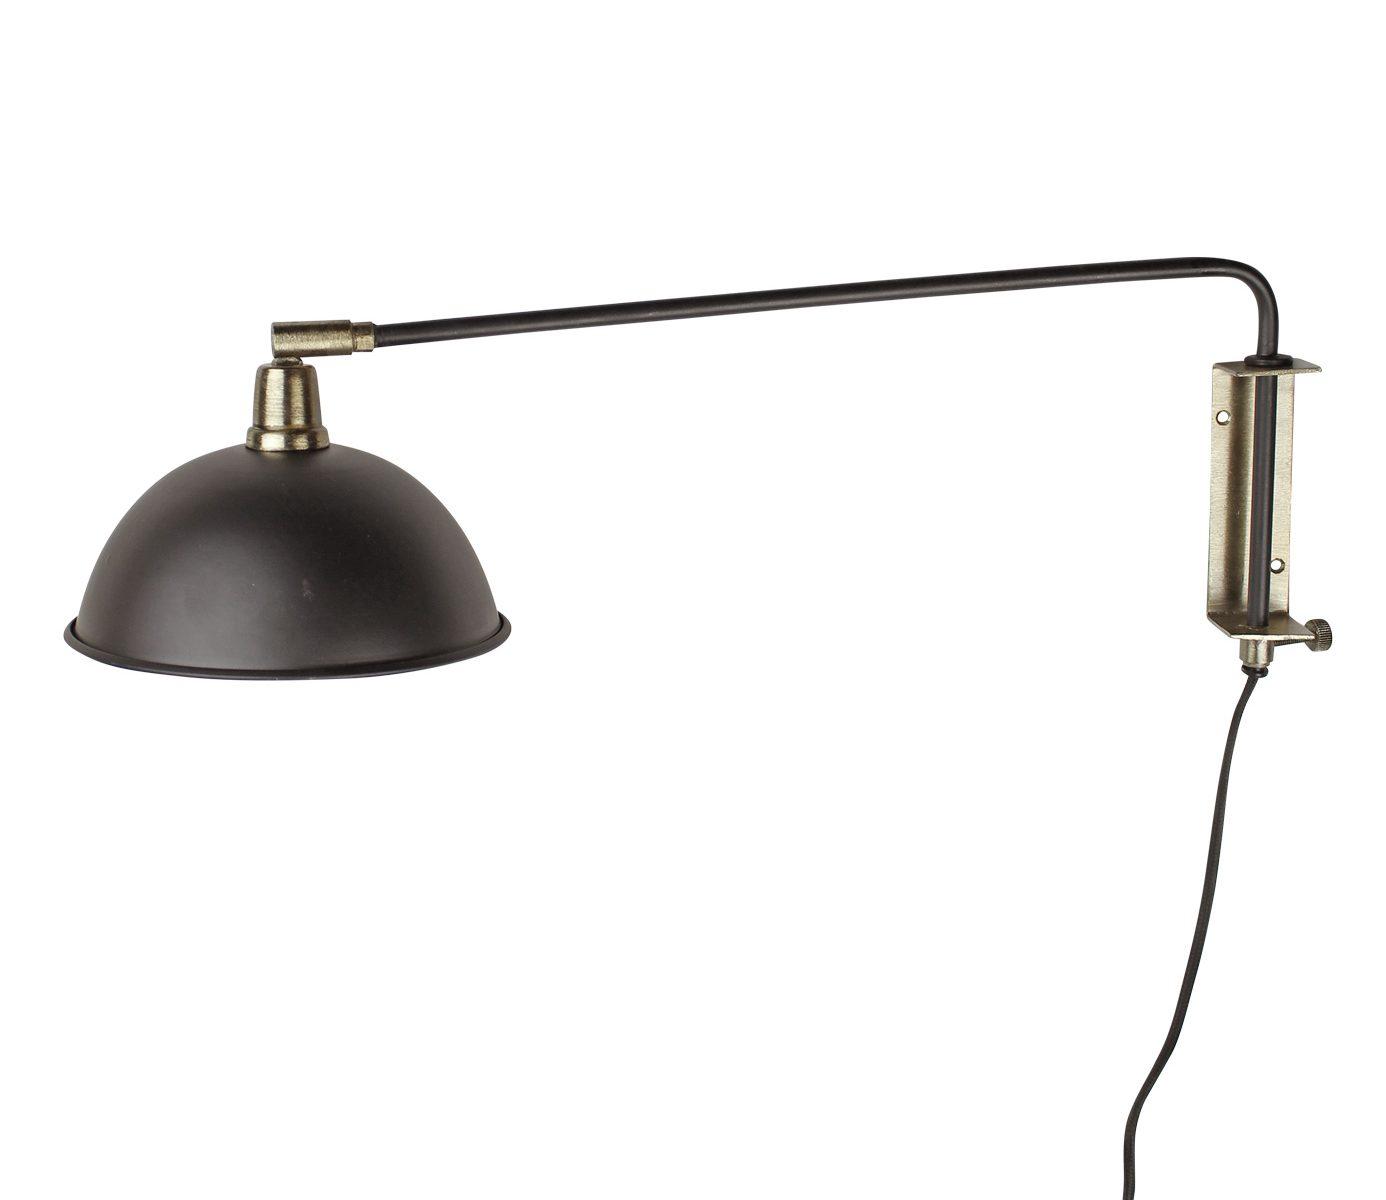 wandlampe-messing-metall-schwarz